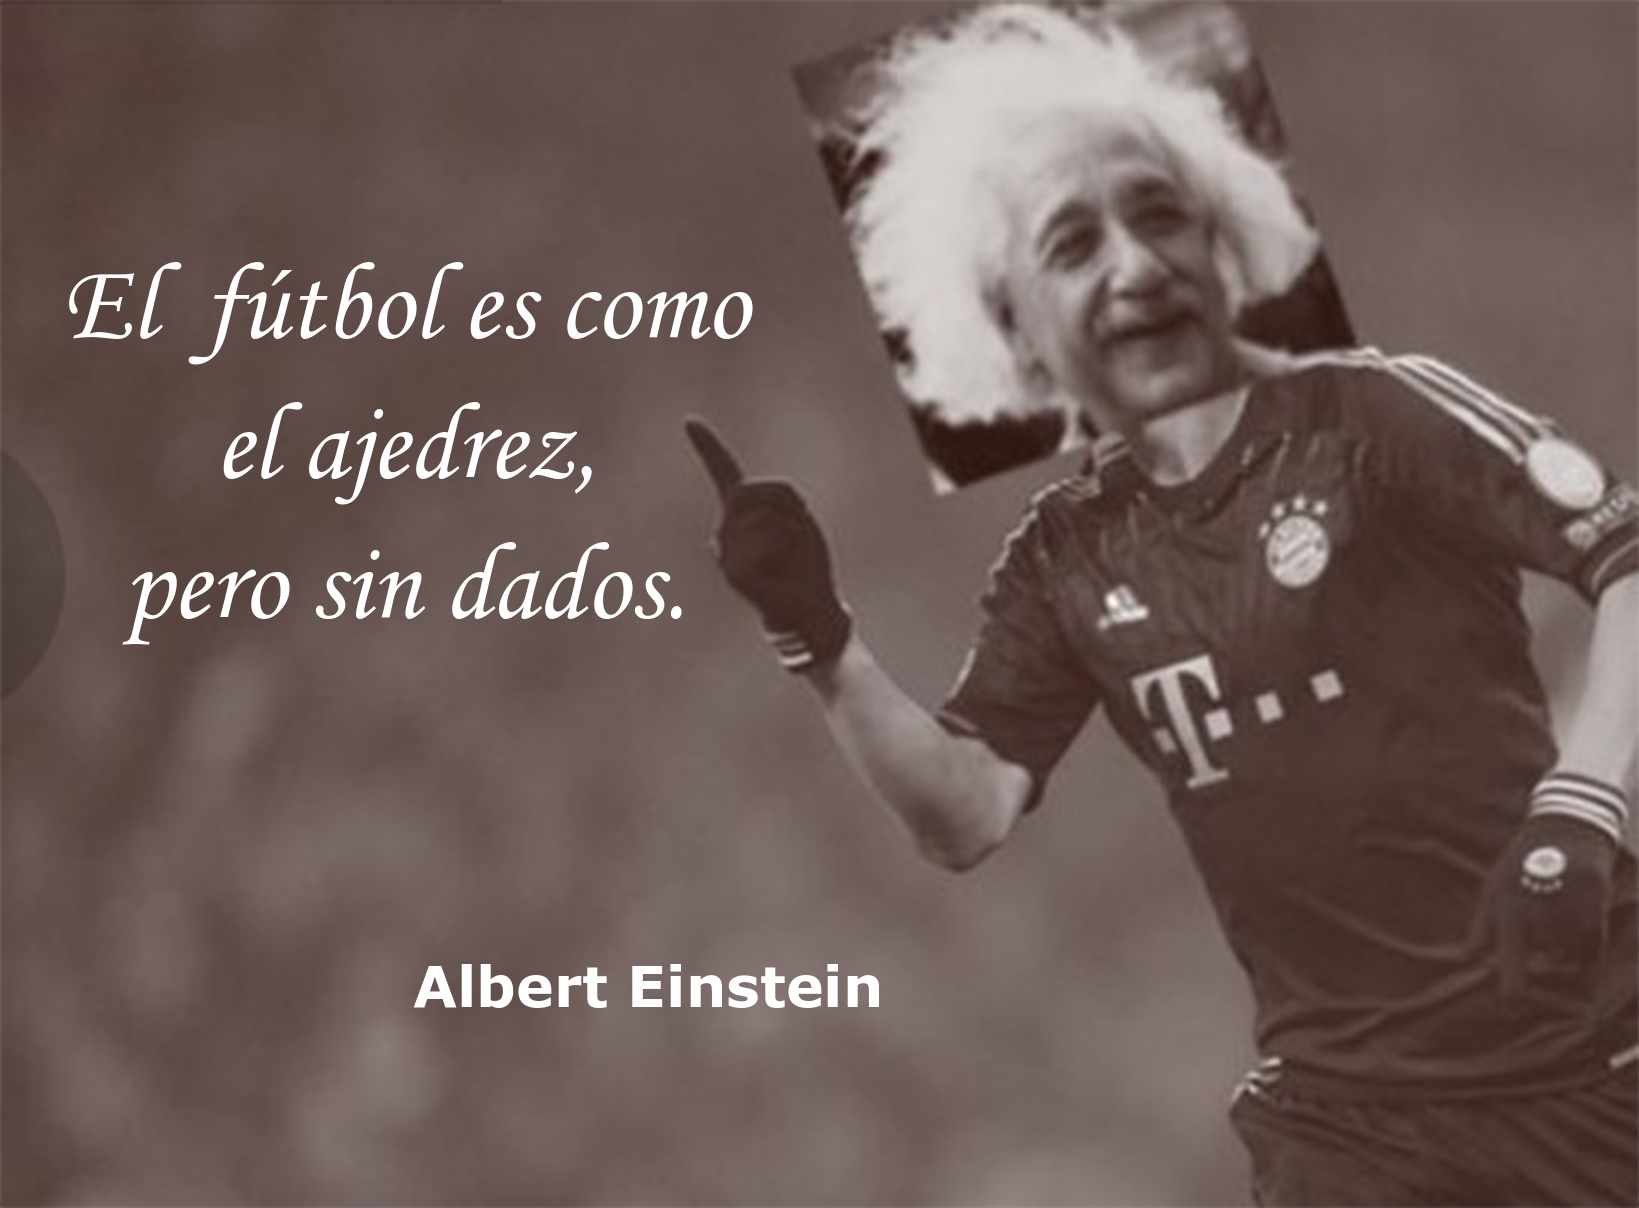 Imaganes de Einstein con frases que nunca dijo - meme